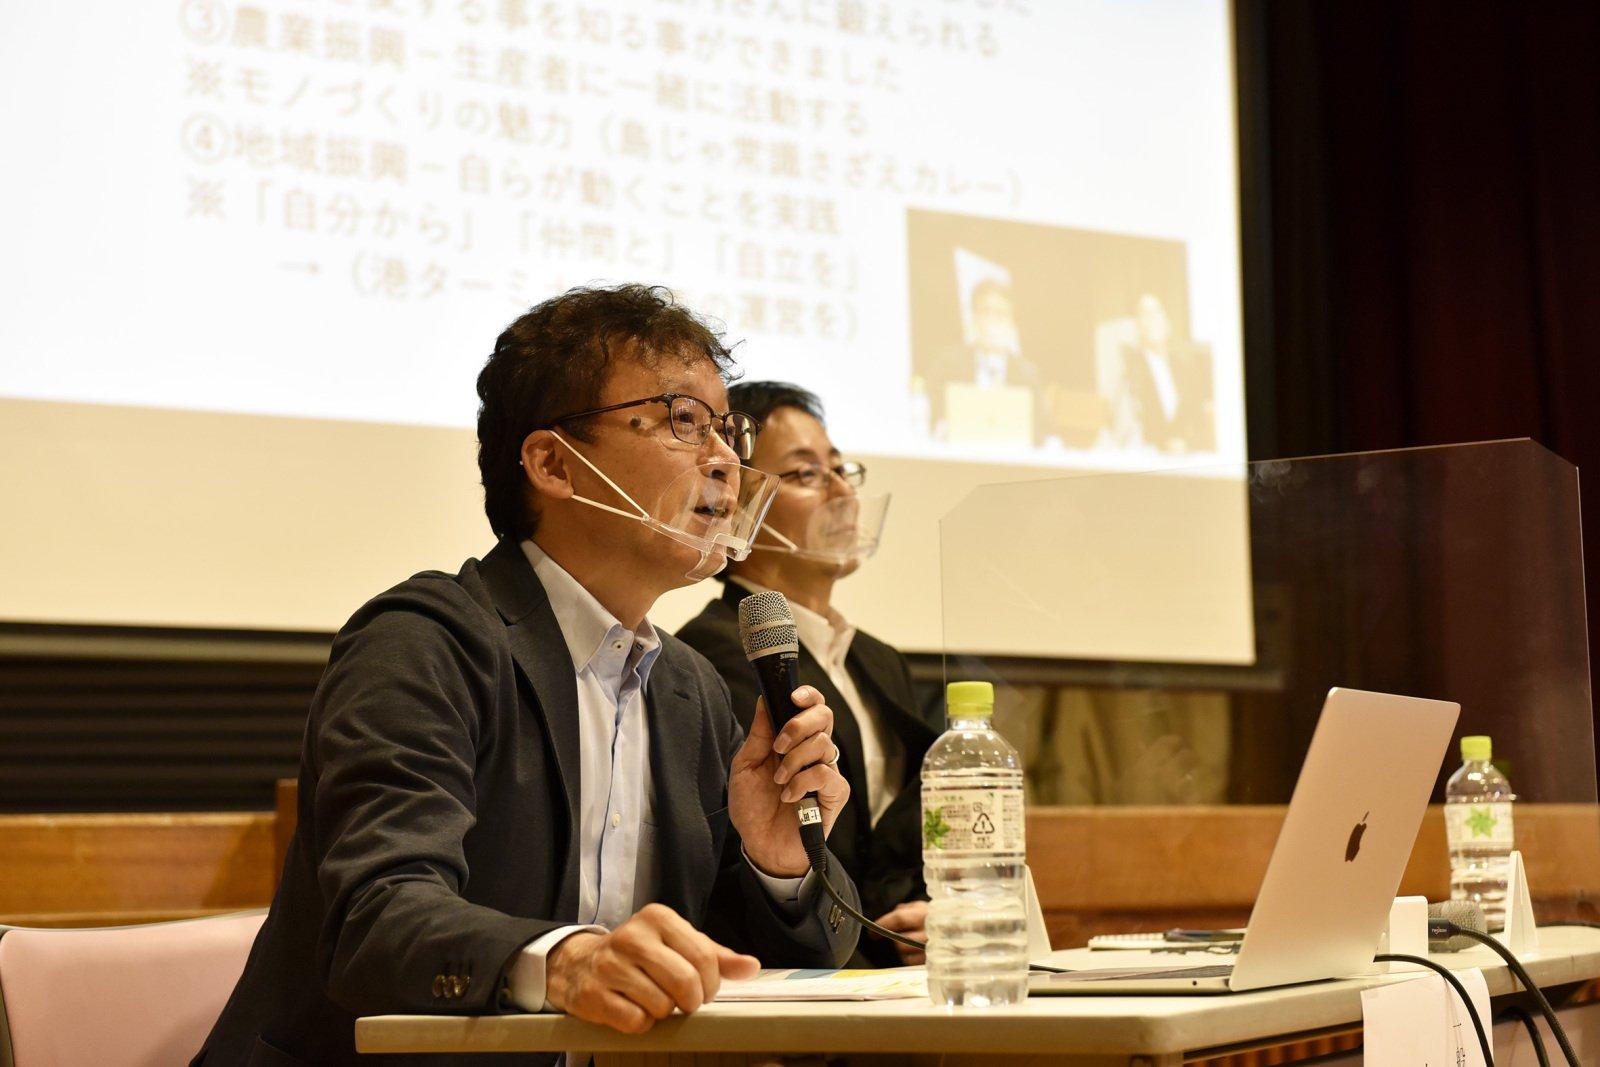 手前が青山富寿生さん。2年前までは海士町役場の職員を務め、島の新しい産品の開発や、マルチワーカー制度の立ち上げなどを行ってきた。